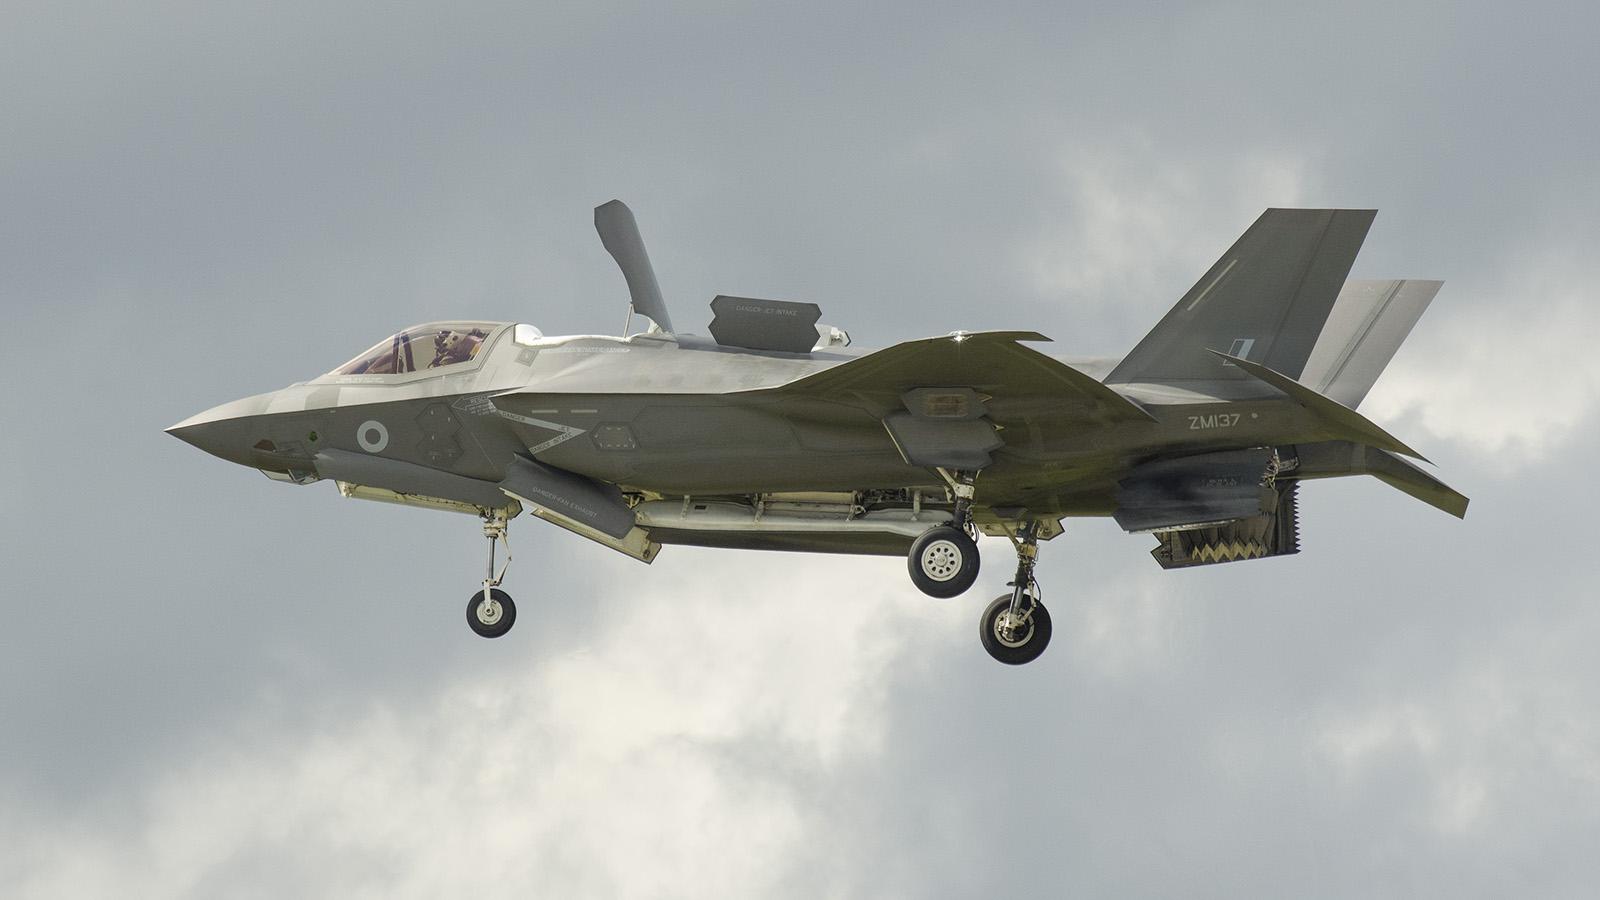 _IMG6105 Lockheed Martin F-35B Lightning II ZM137 RAF s